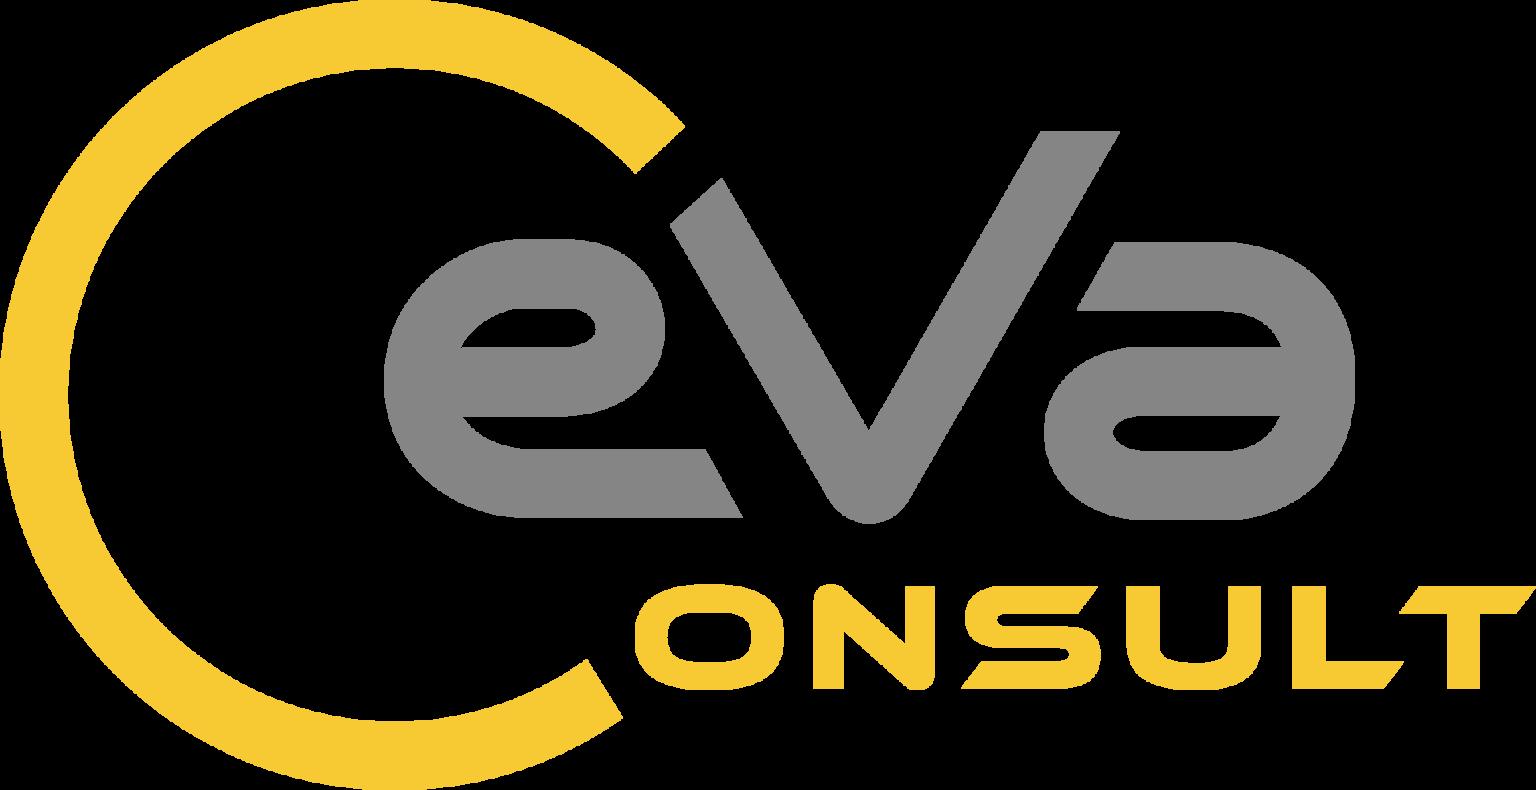 eva-consult-logo-1536x790